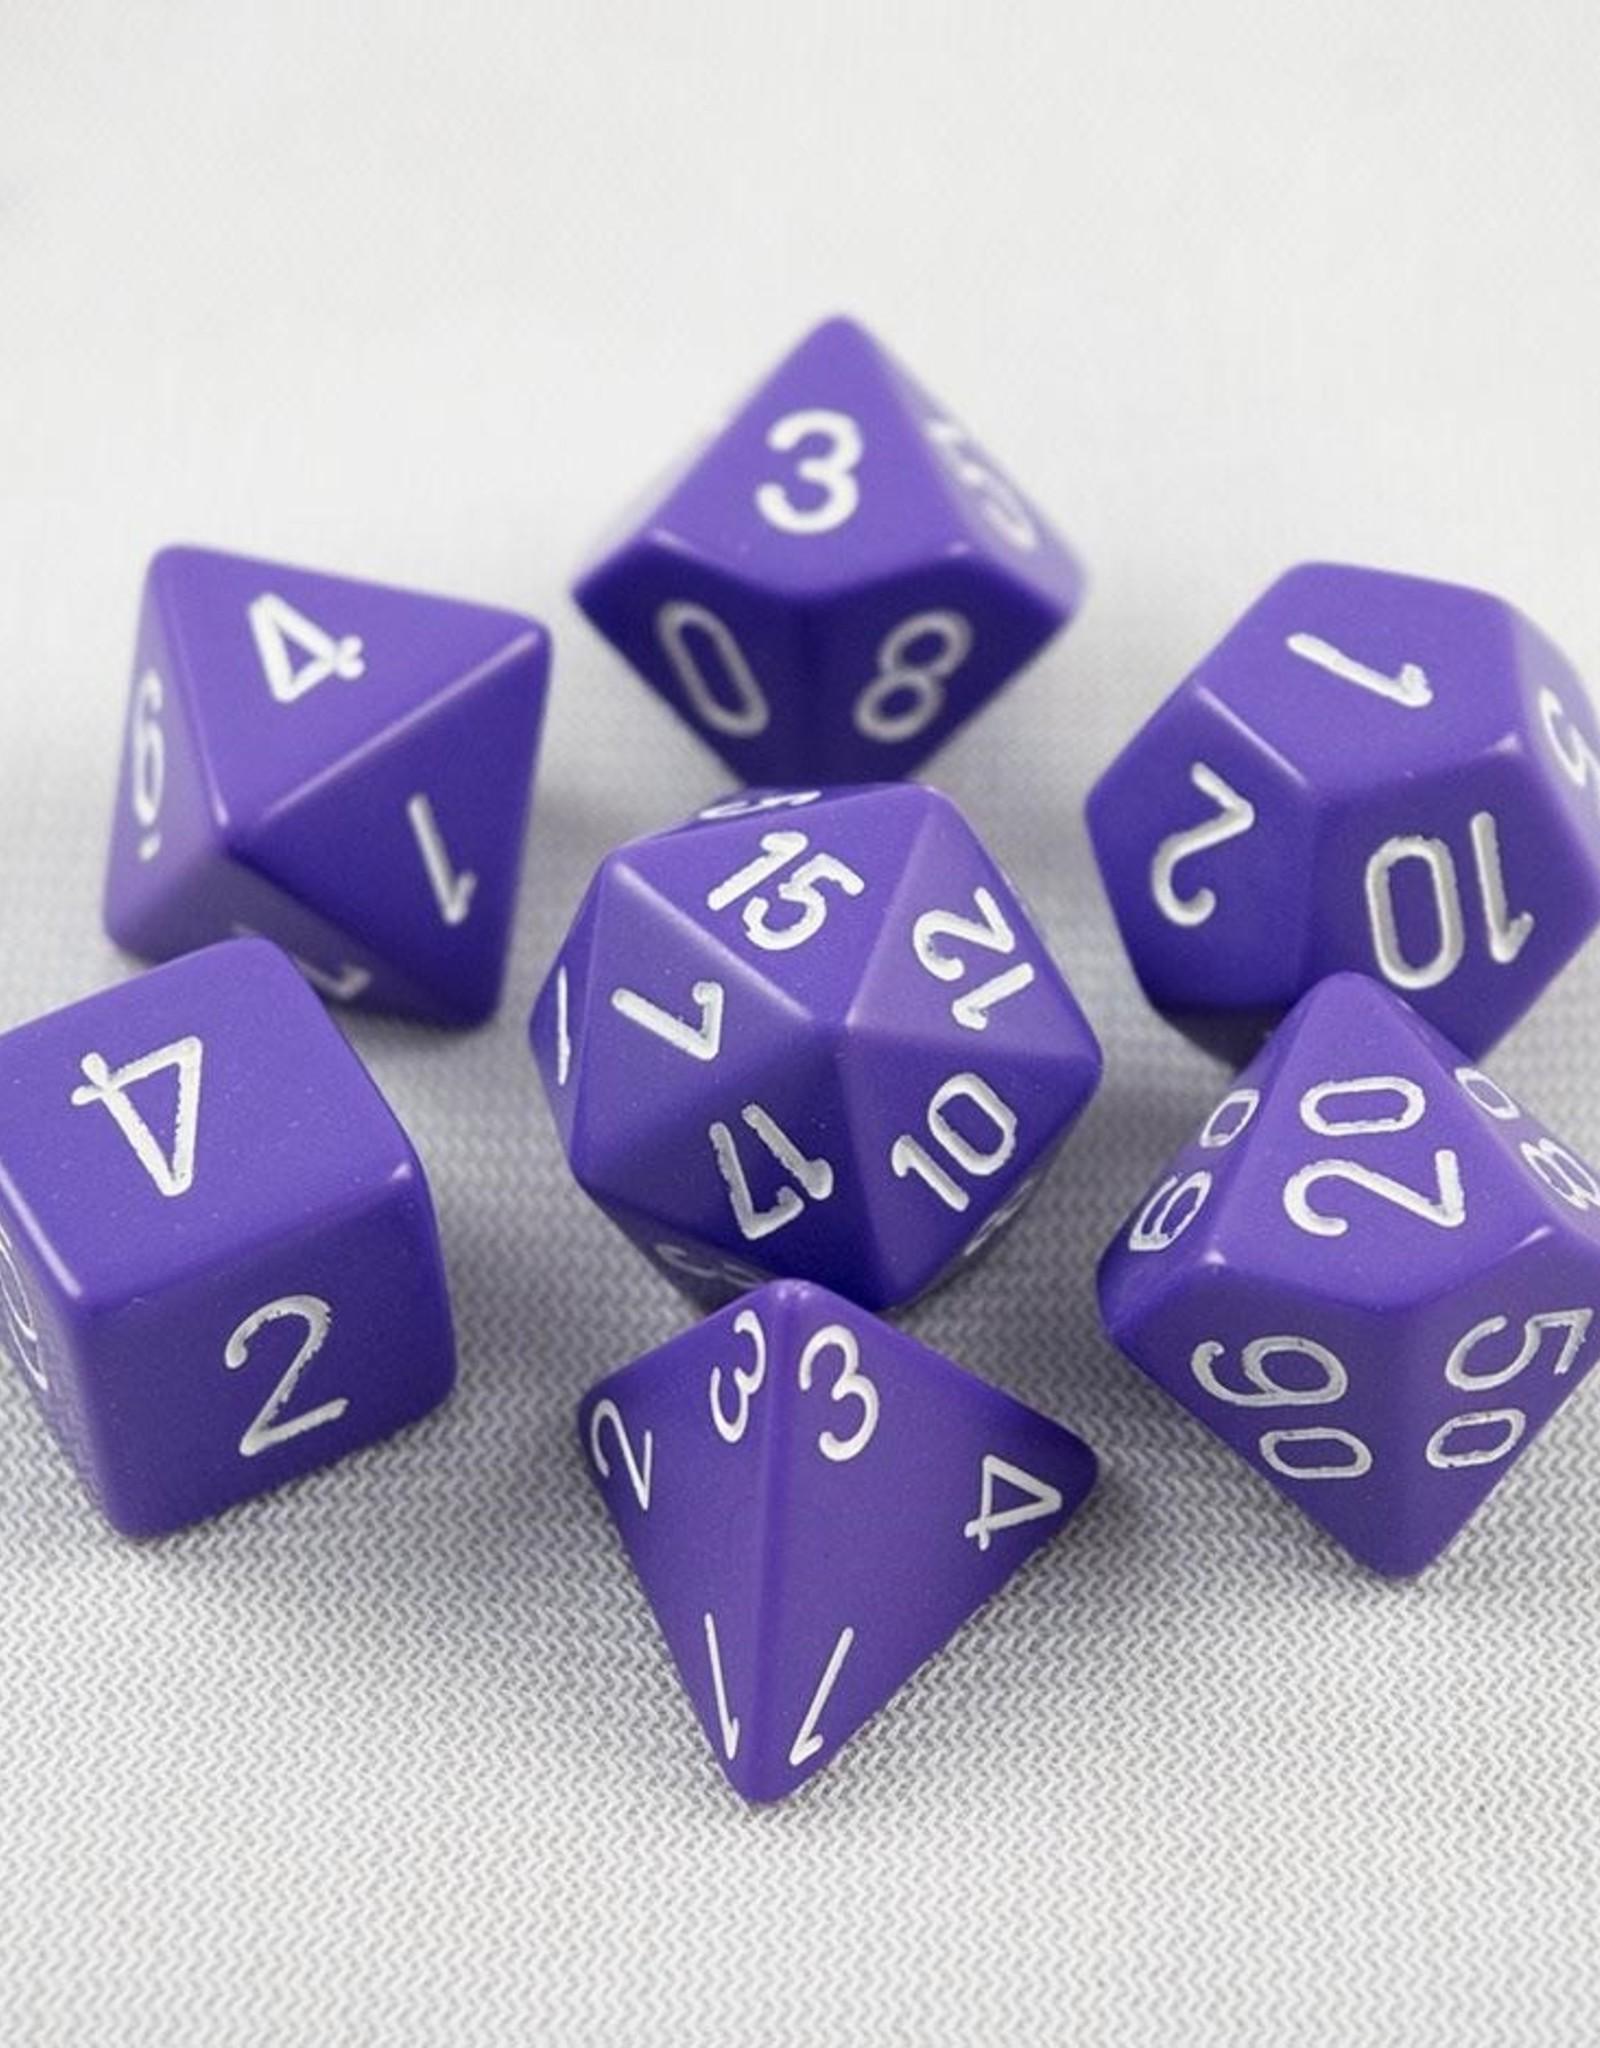 Chessex Chessex 7-Die set Opaque - Purple/White